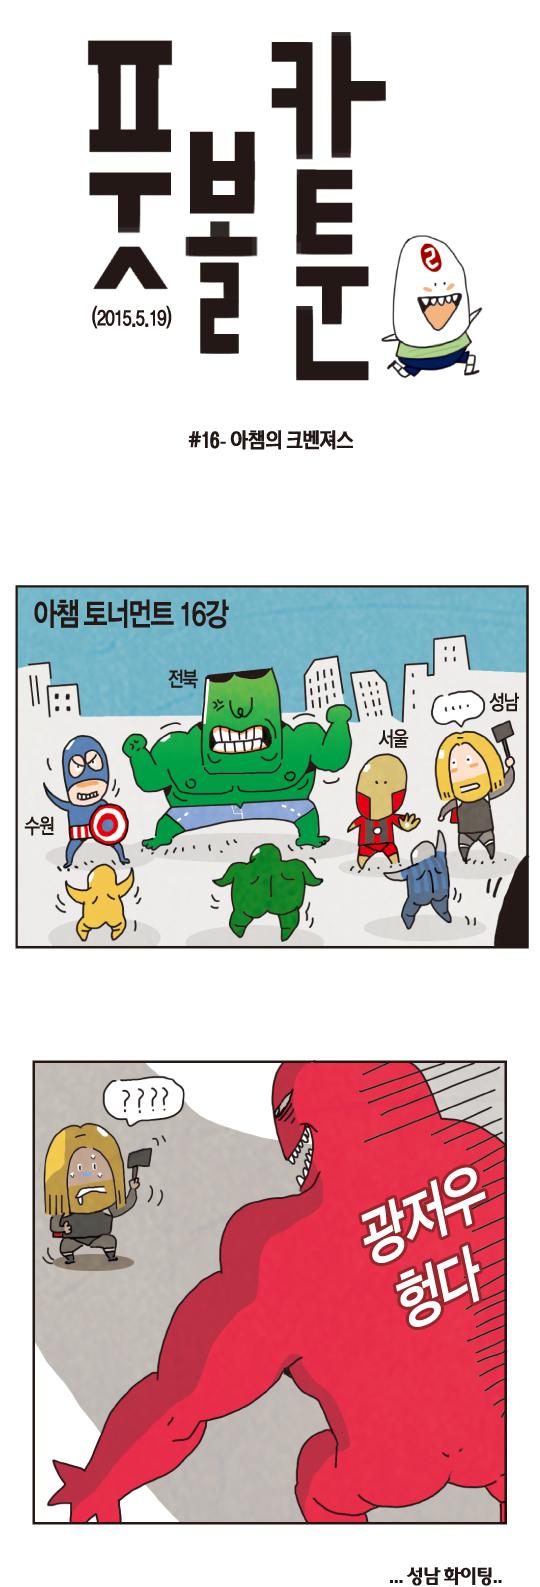 [전진이의 풋볼카툰] #16- 아챔의 크벤져스 기사의 사진